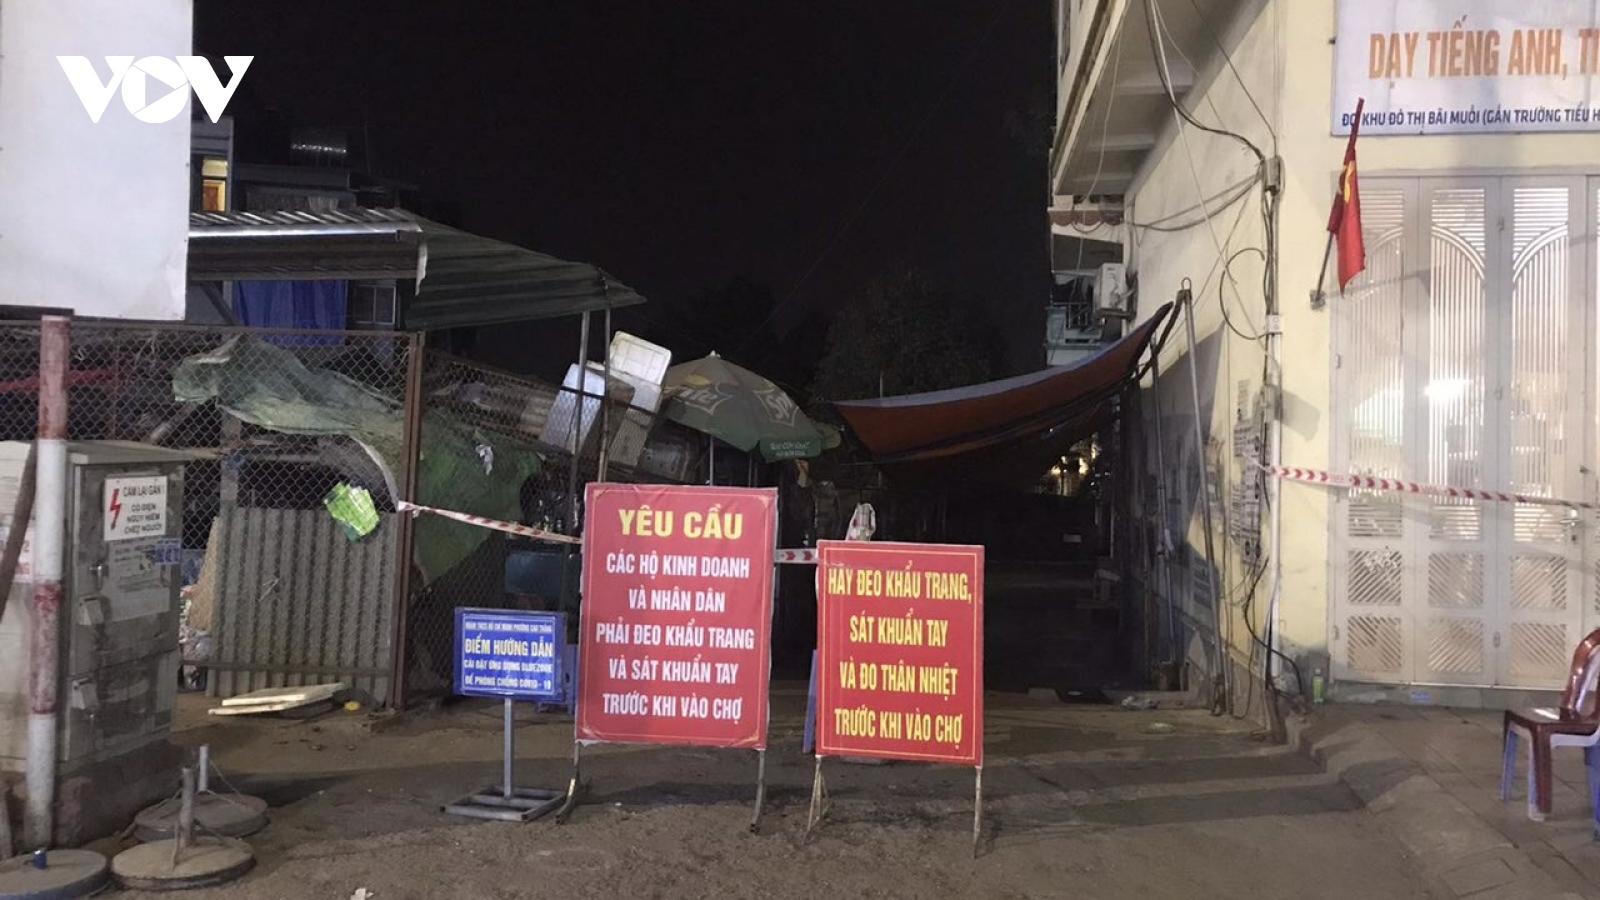 Thành phố Hạ Long (Quảng Ninh) báo cáo 1 trường hợp nghi mắc Covid-19